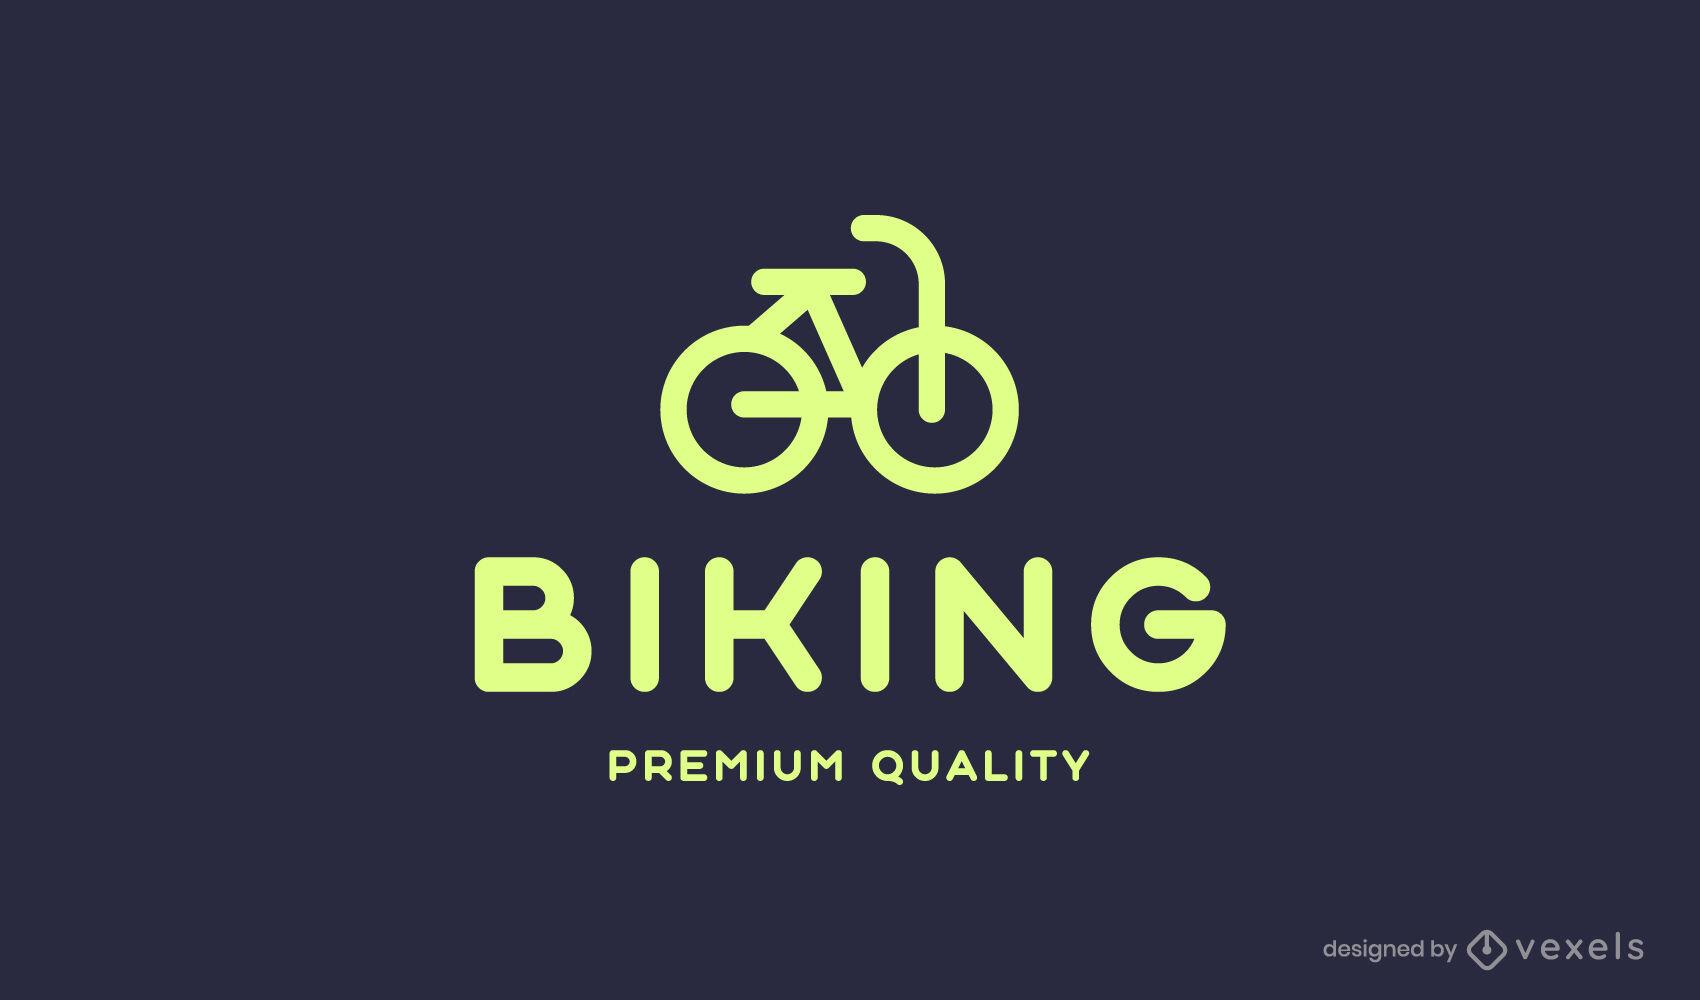 Geometrischer Strich des Fahrradlogos